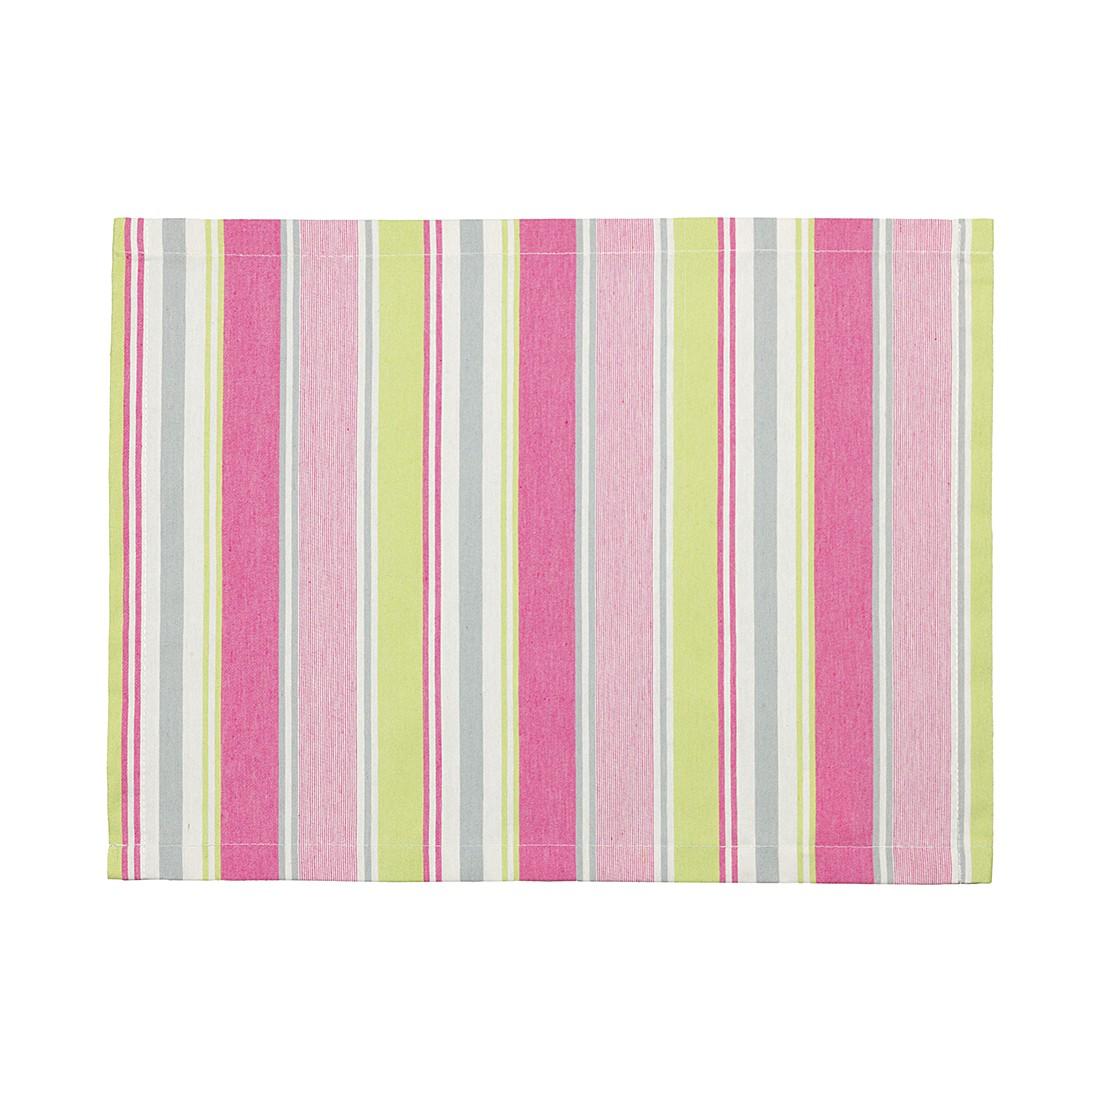 Tischdecke Coloured – Pink/Lime, Esprit Home günstig kaufen